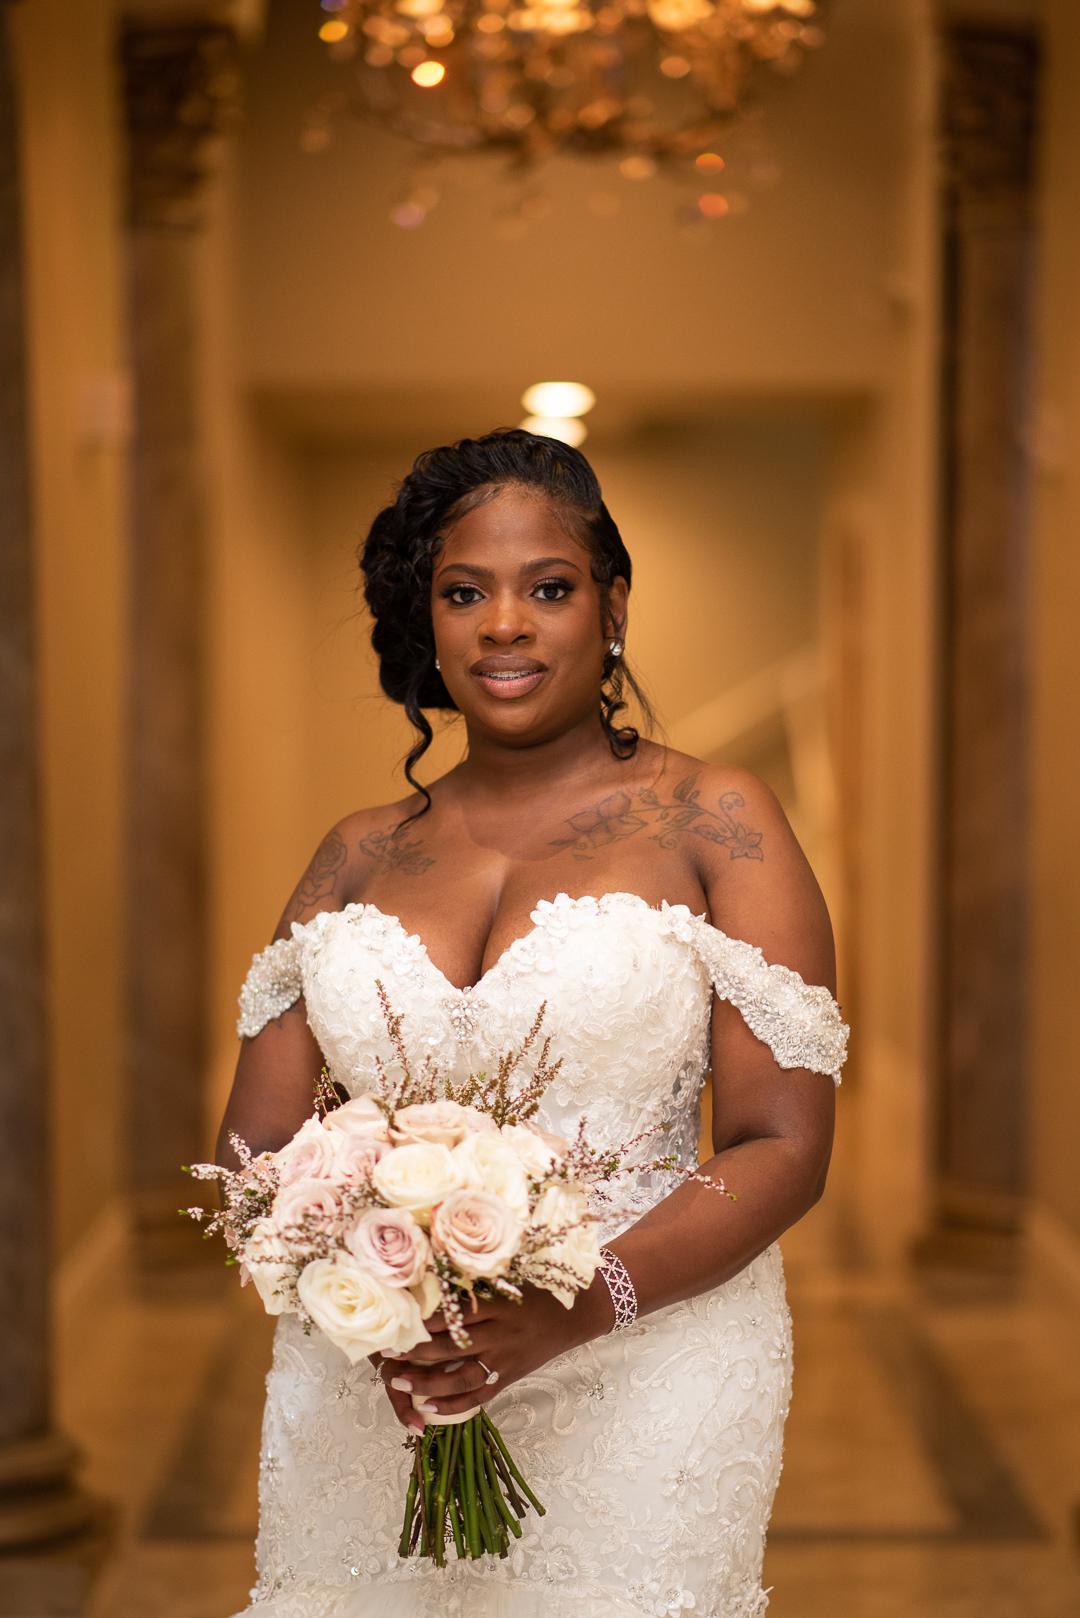 Delaware bride